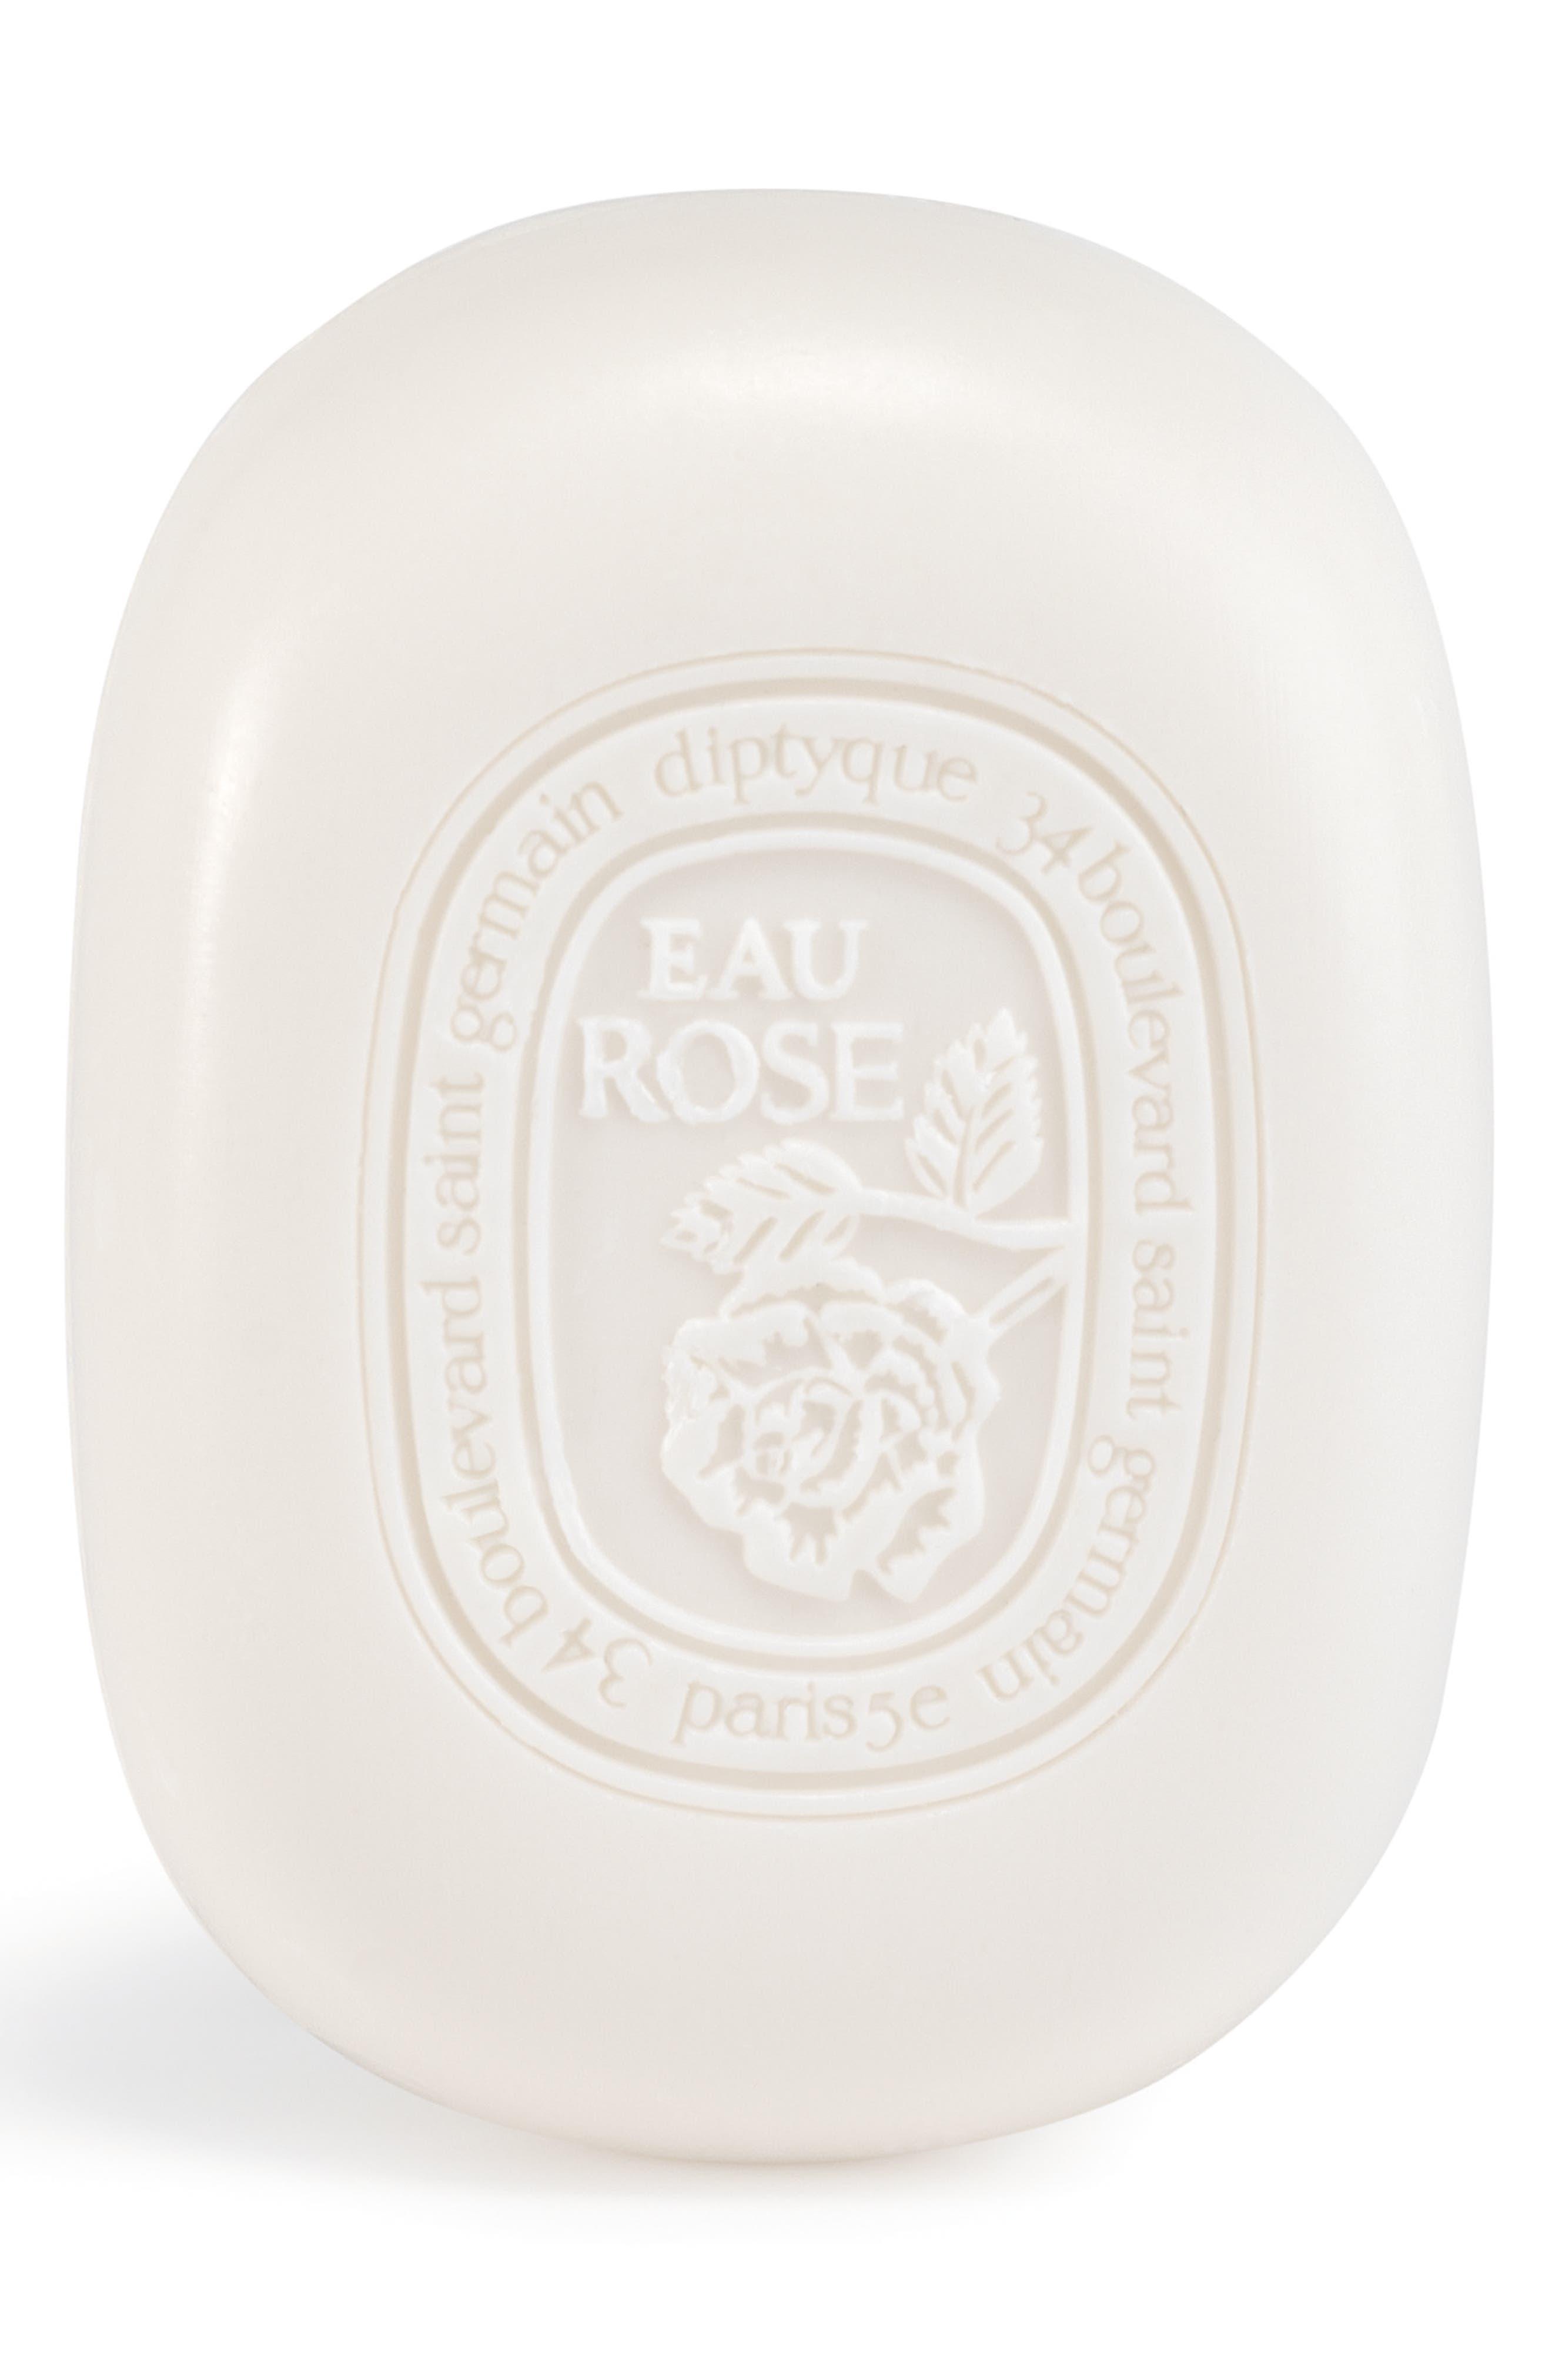 Main Image - diptyque Eau Rose Soap